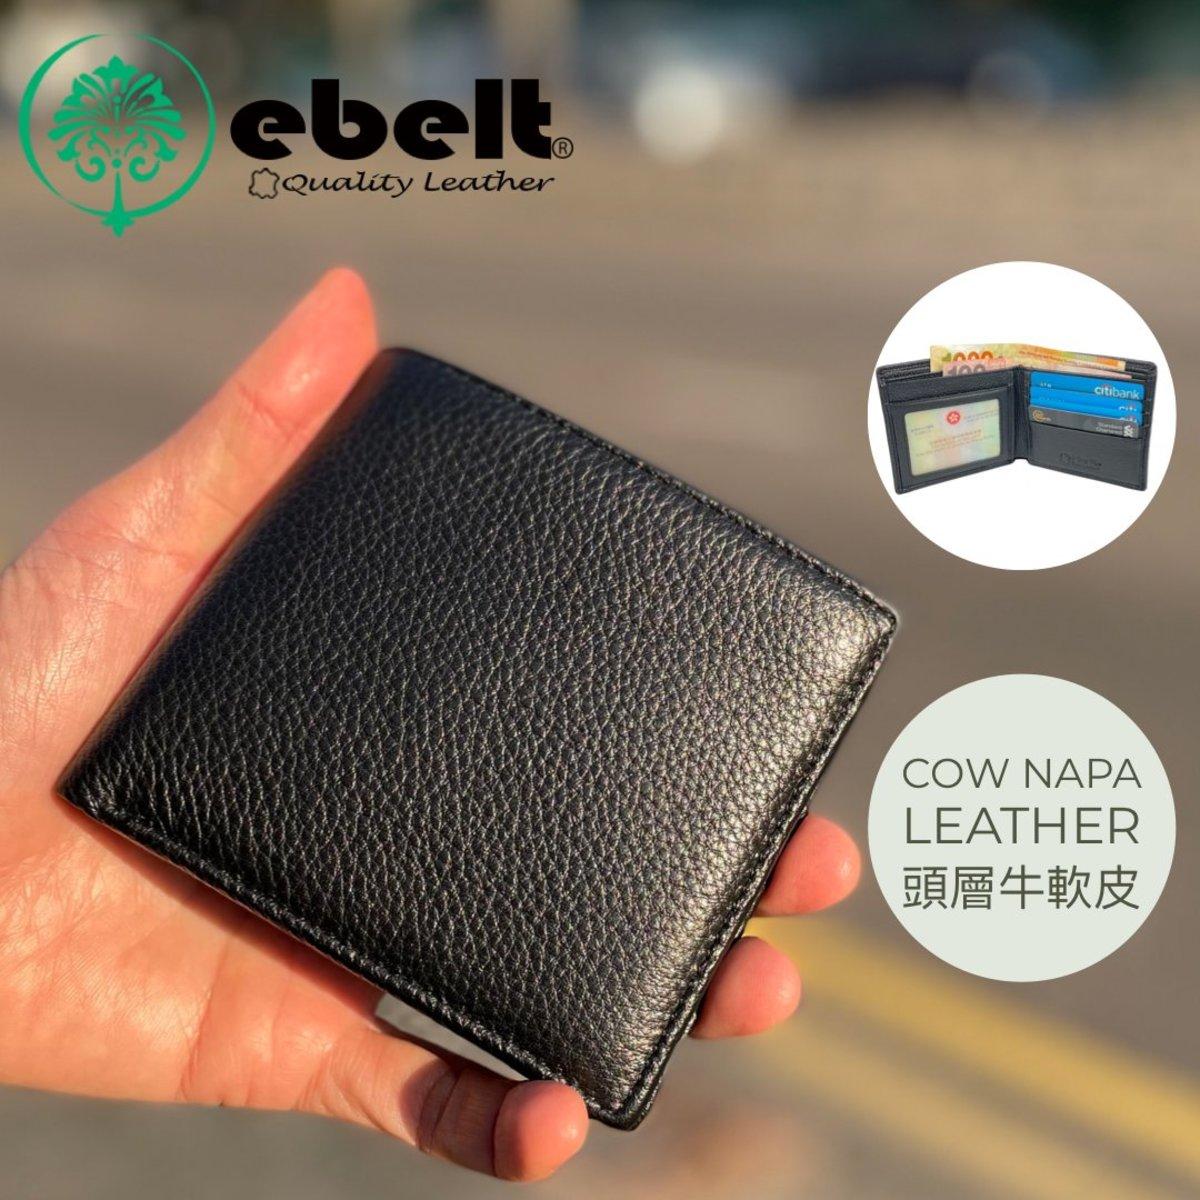 頭層納帕軟牛皮銀包 Full Grain Napa Cow Leather Wallet - WM0076